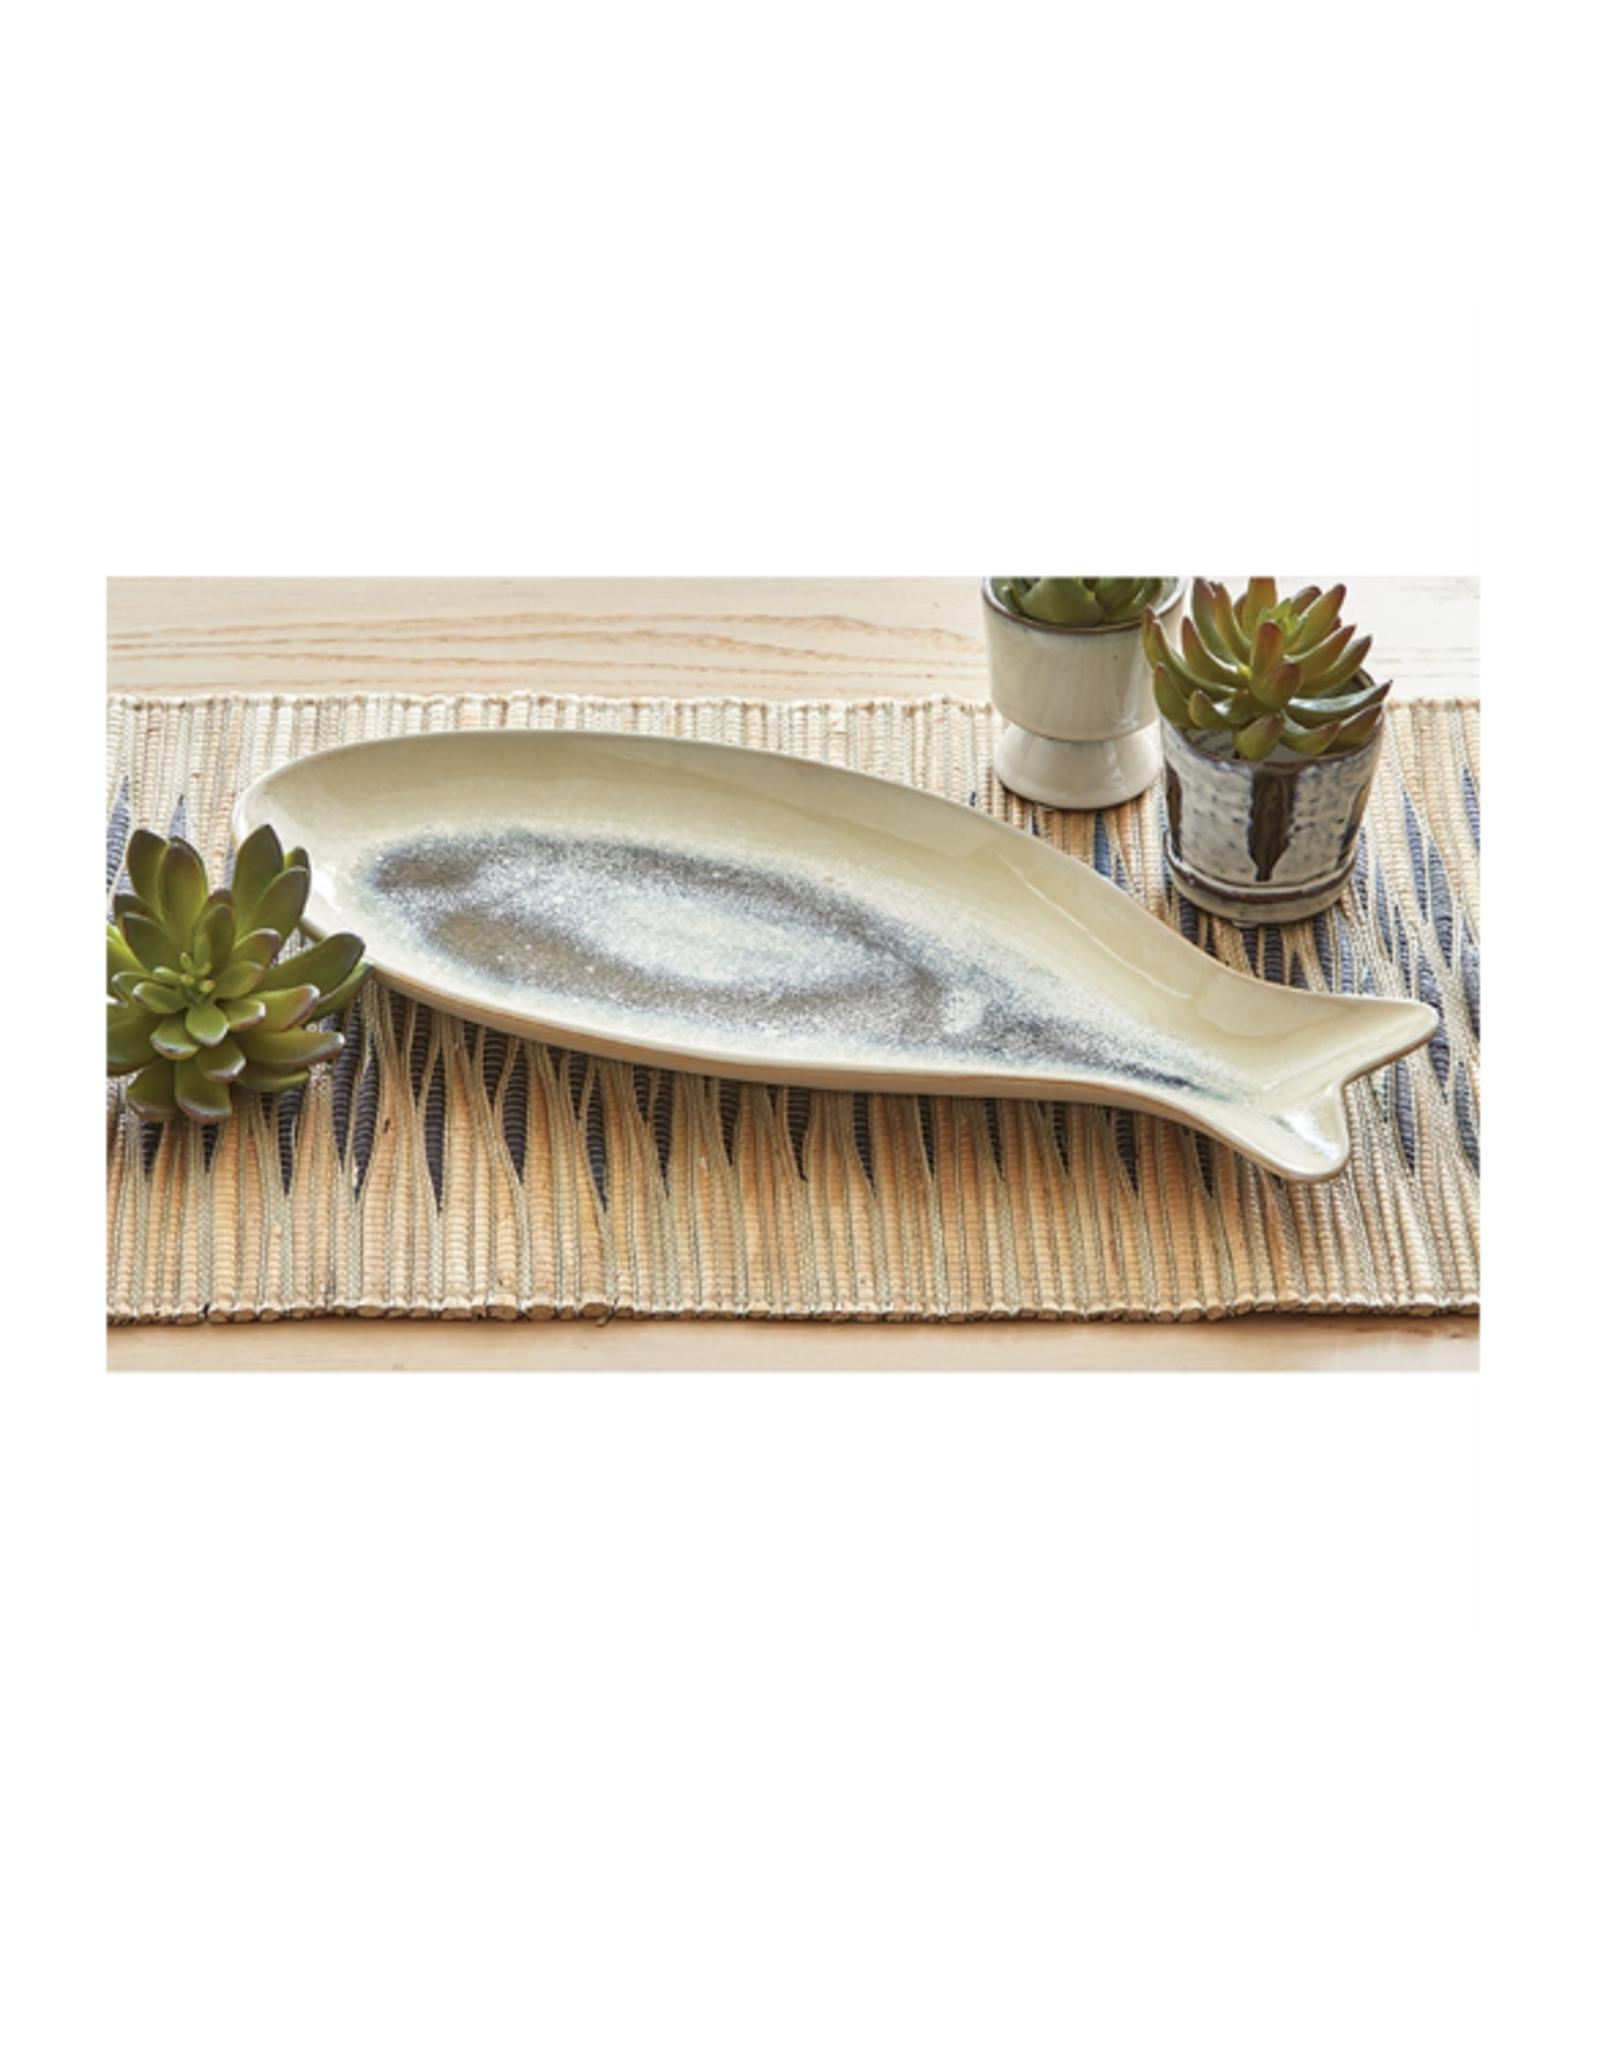 Tag Fish Platter Lg - Blue Multi